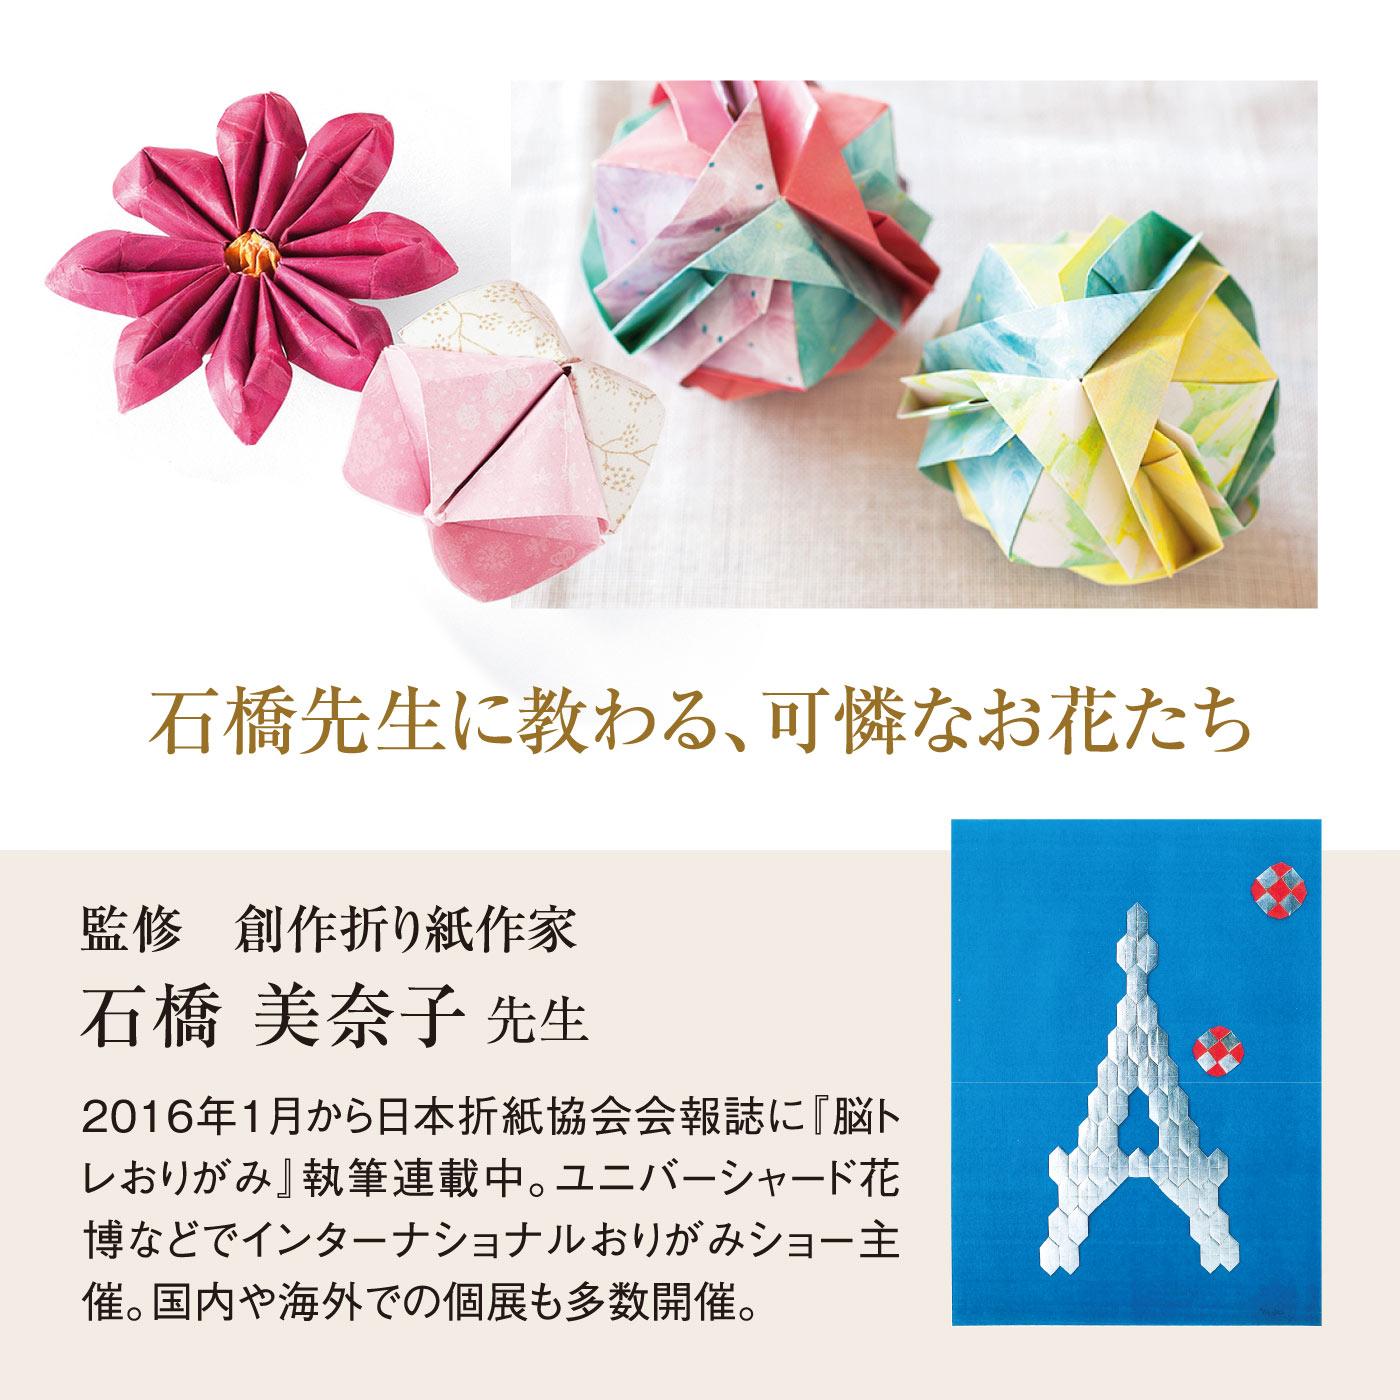 監修は、創作折り紙作家の石橋美奈子先生。国内や海外での個展も多数開催されています。